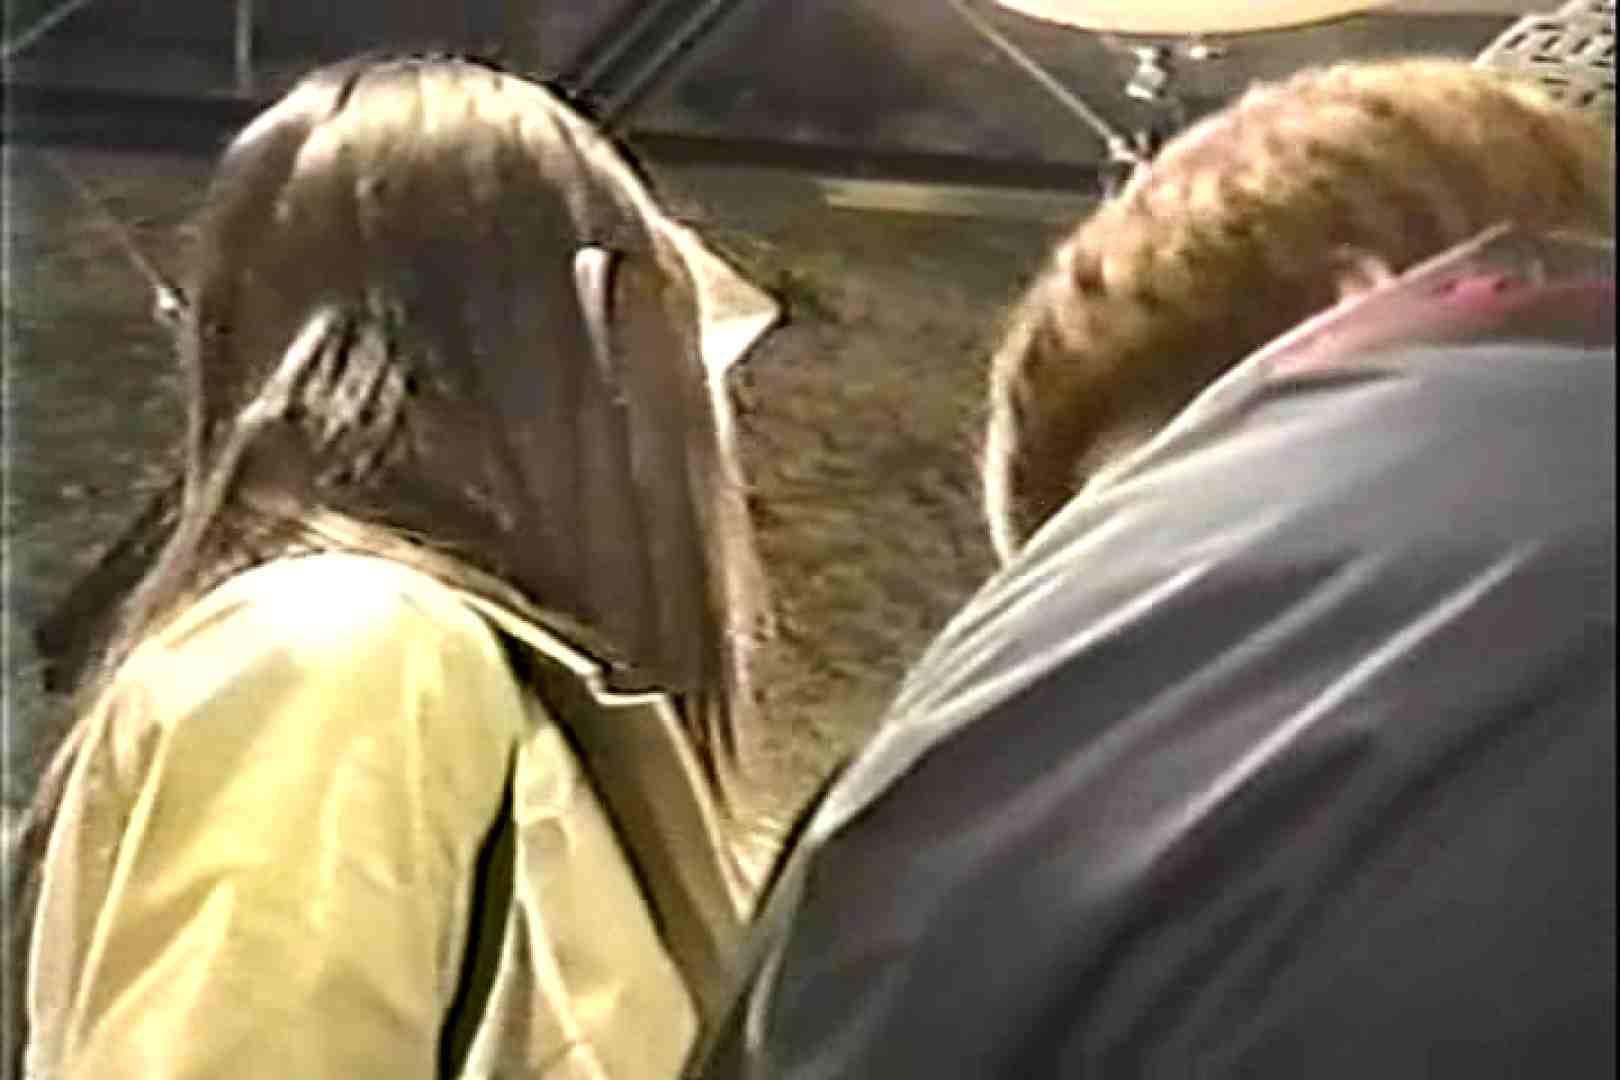 「ちくりん」さんのオリジナル未編集パンチラVol.4_02 美しいOLの裸体 すけべAV動画紹介 87pic 47